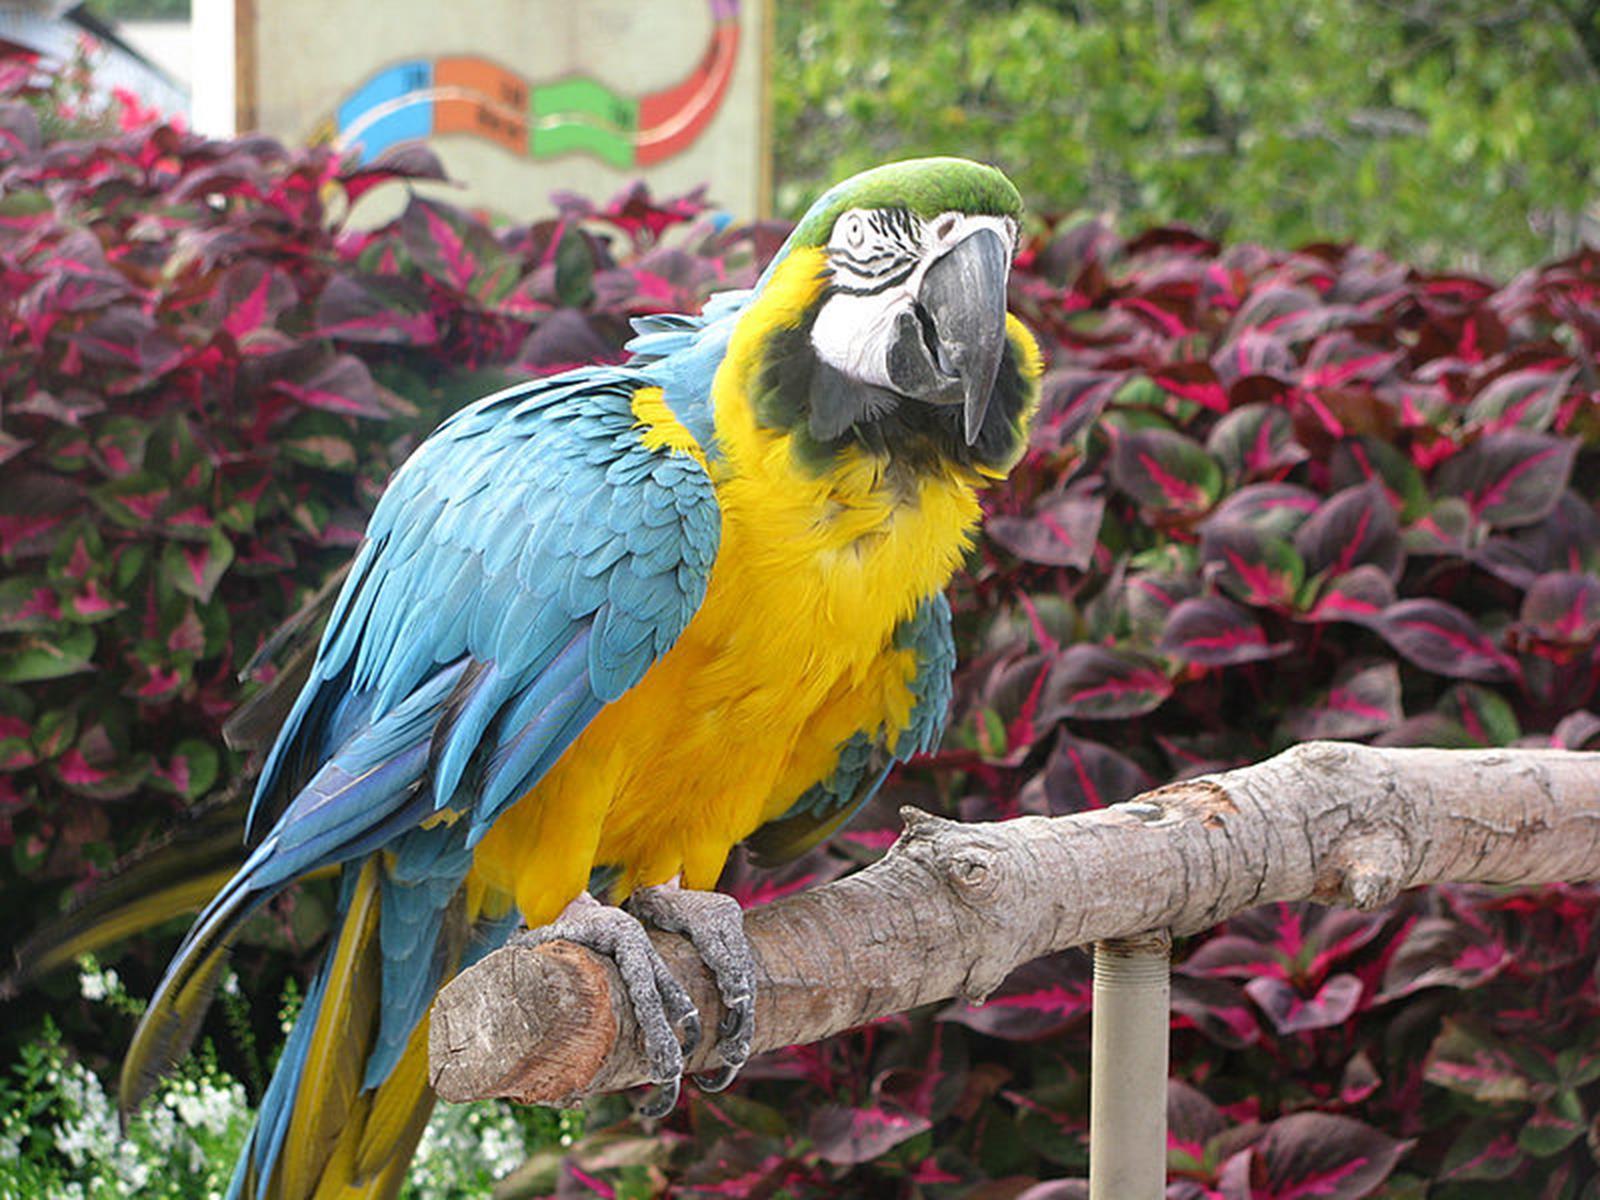 Blue and Yellow Macaw at Tulsa Zoo. Credit: Angela Severn